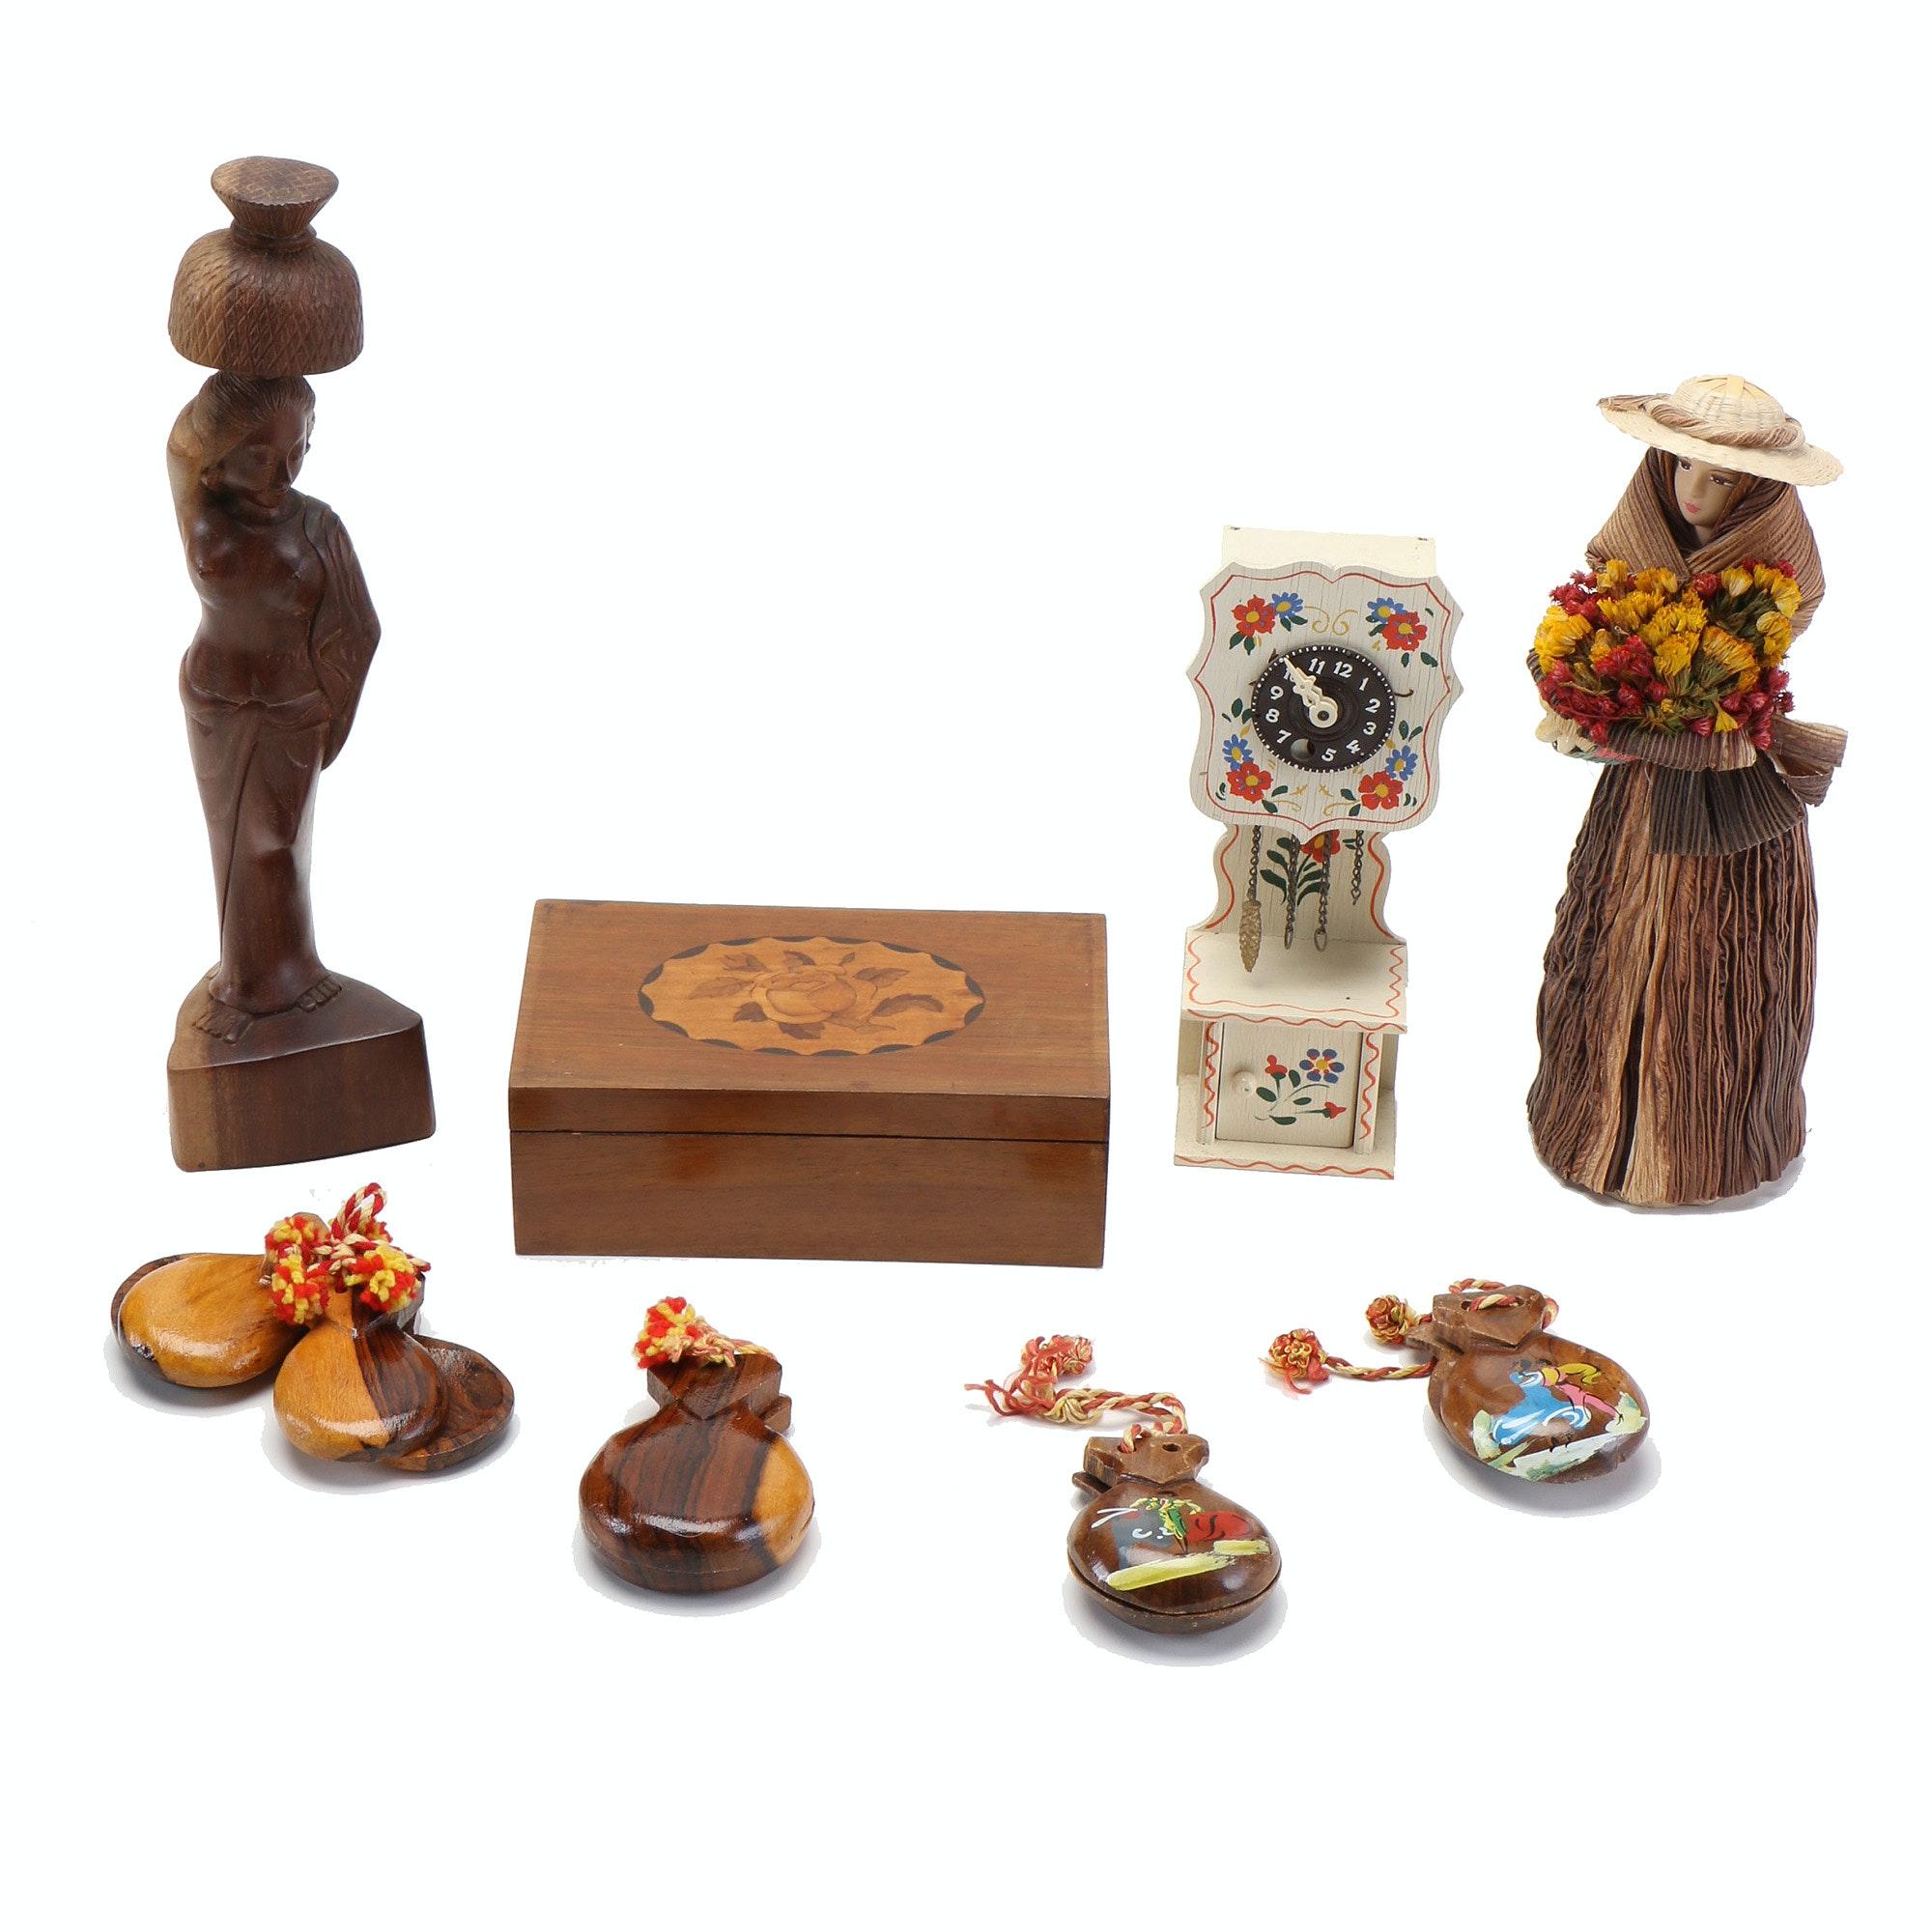 Assortment of Wooden Home Décor